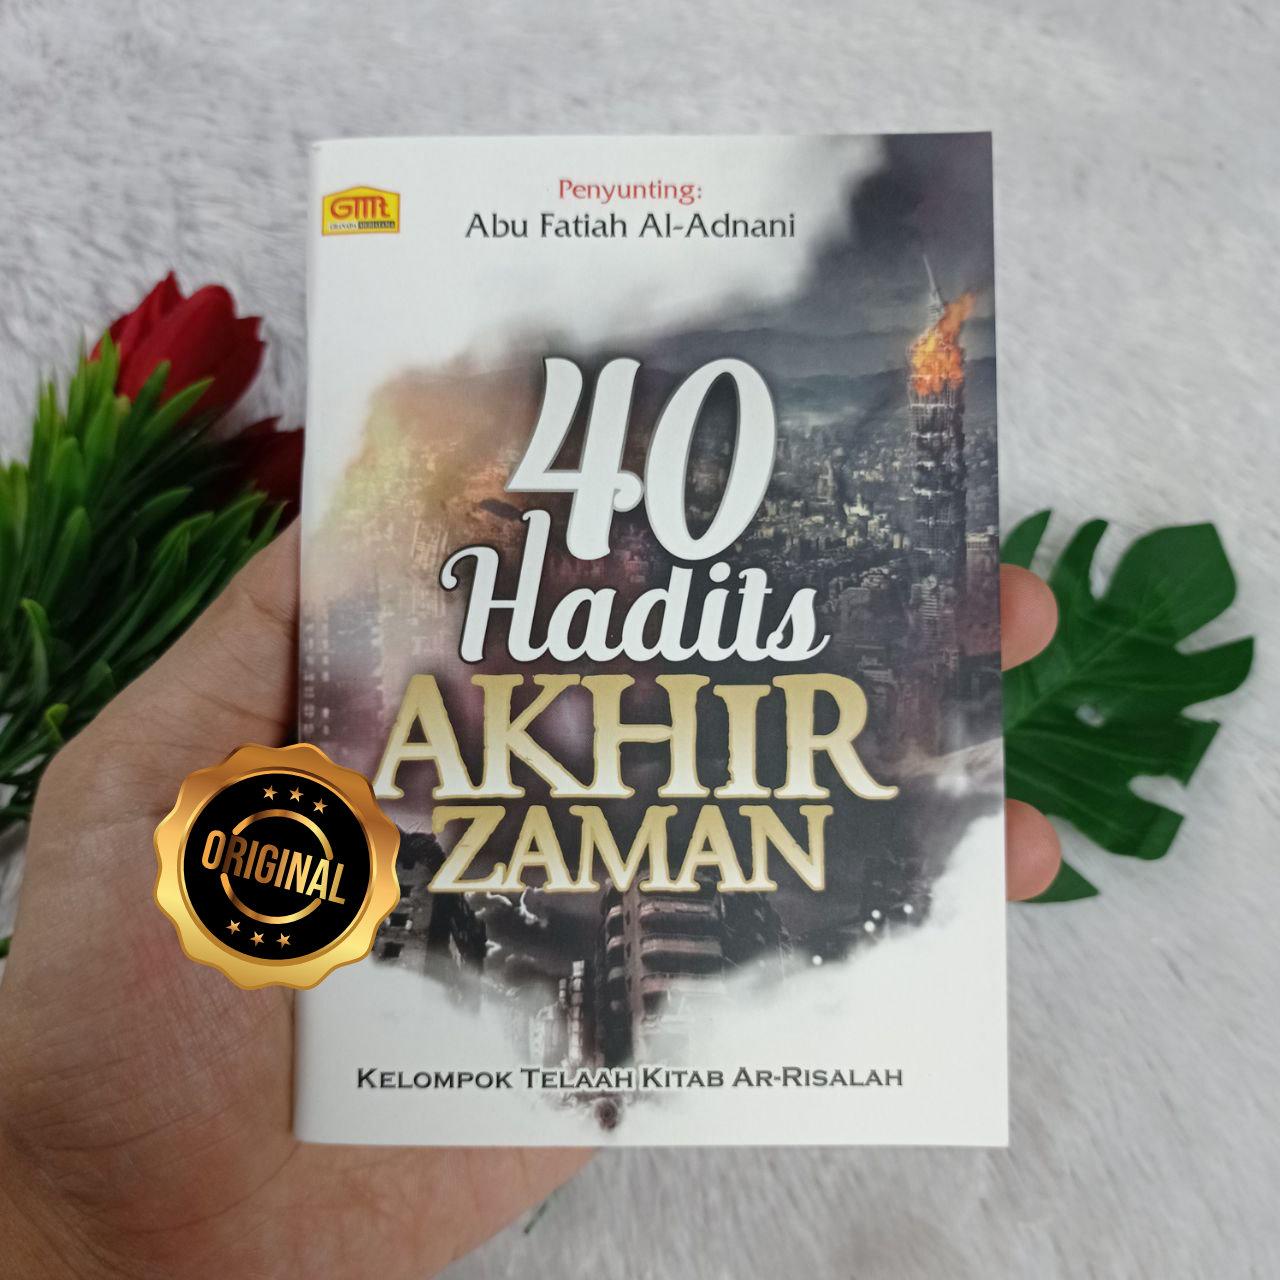 Buku Saku 40 Hadits Akhir Zaman